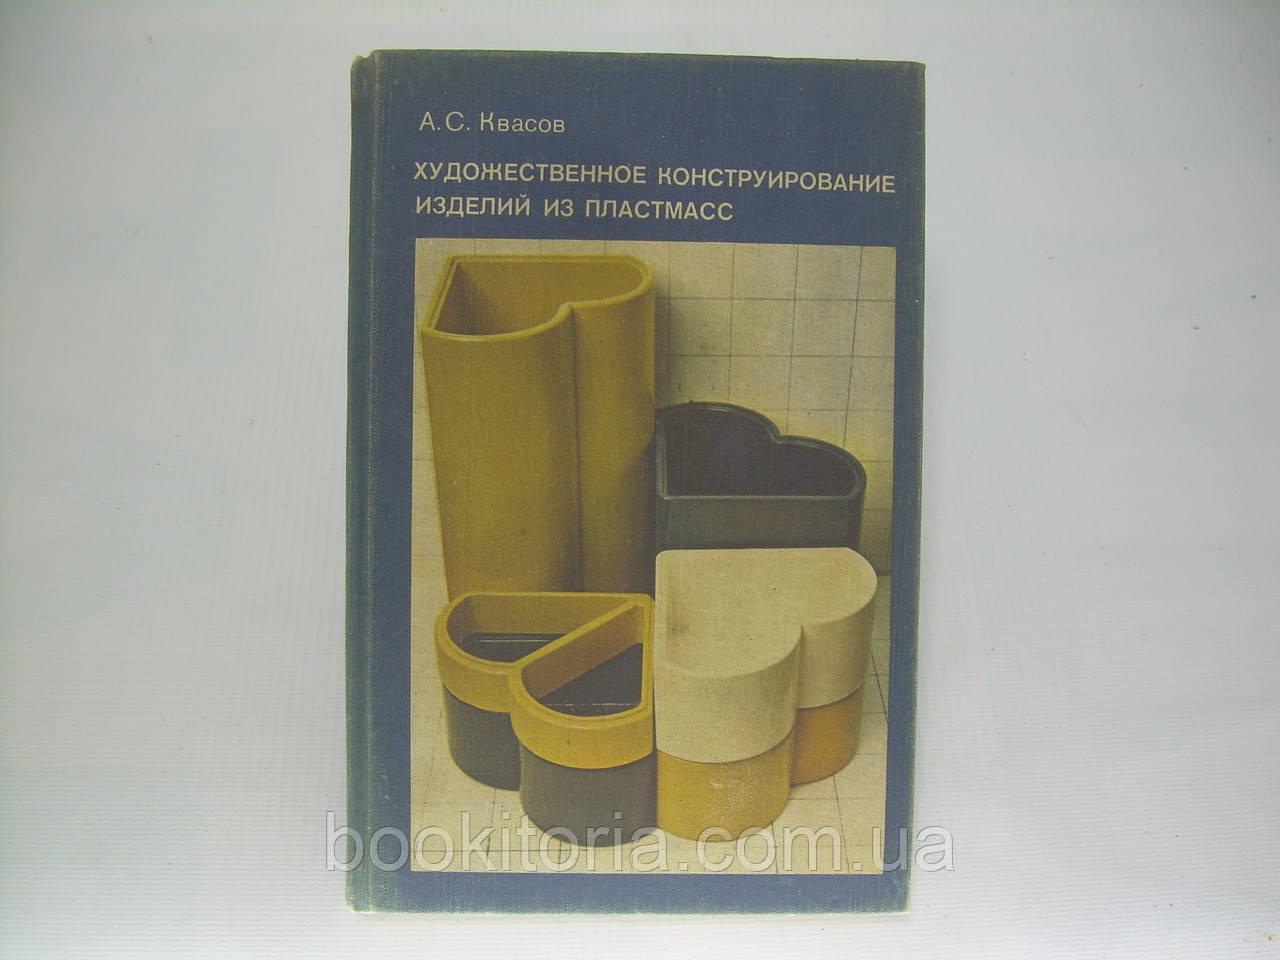 Квасов А.С. художественное конструирование изделий из пластмасс (б/у).